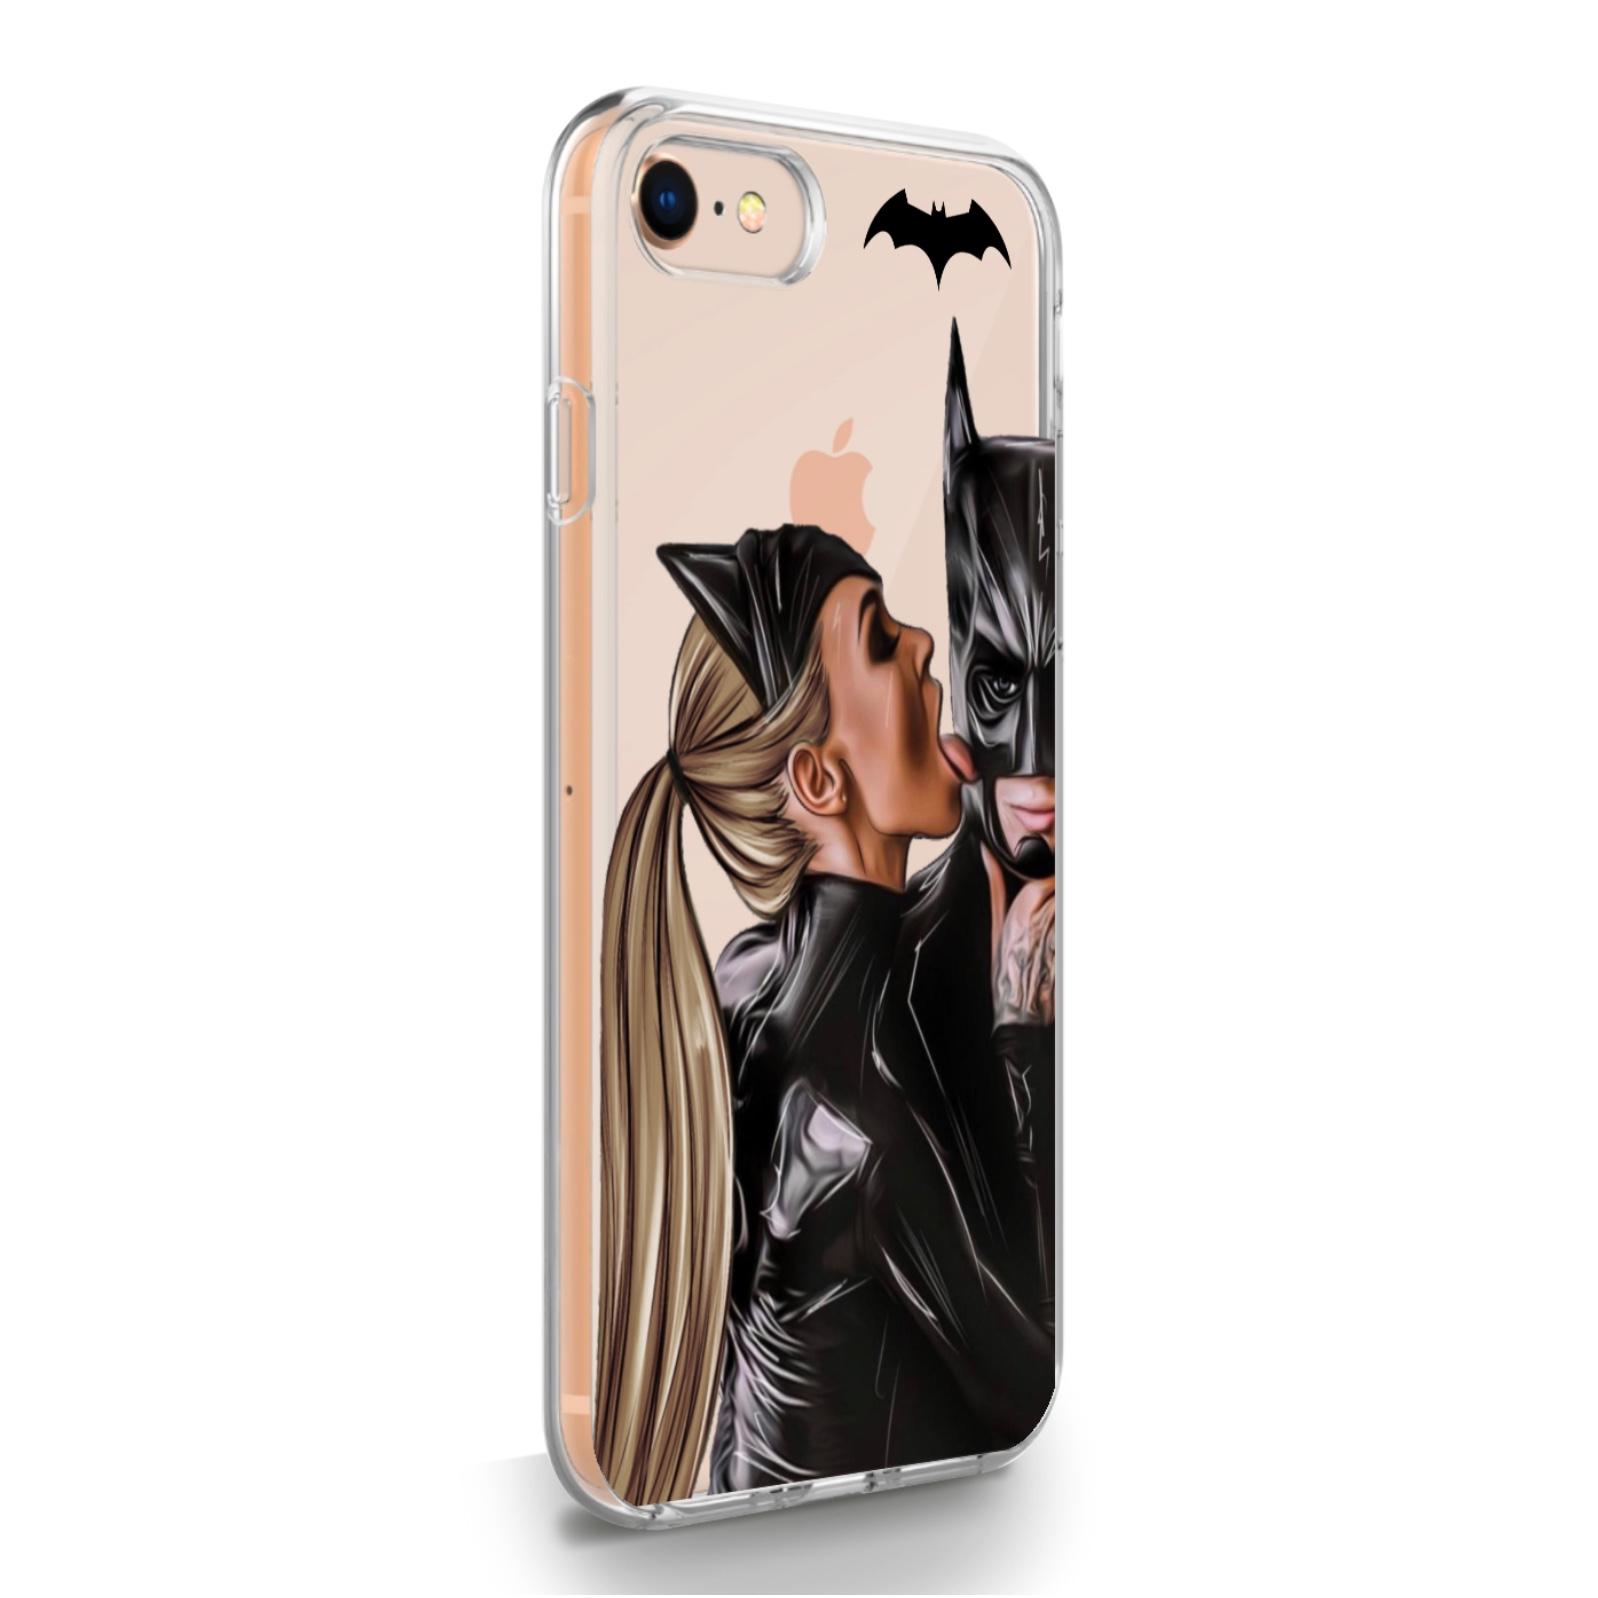 Прозрачный силиконовый чехол для iPhone 7/8/SE2020 Cat Woman/ Женщина кошка Русая для Айфон 7/8/СЕ2020